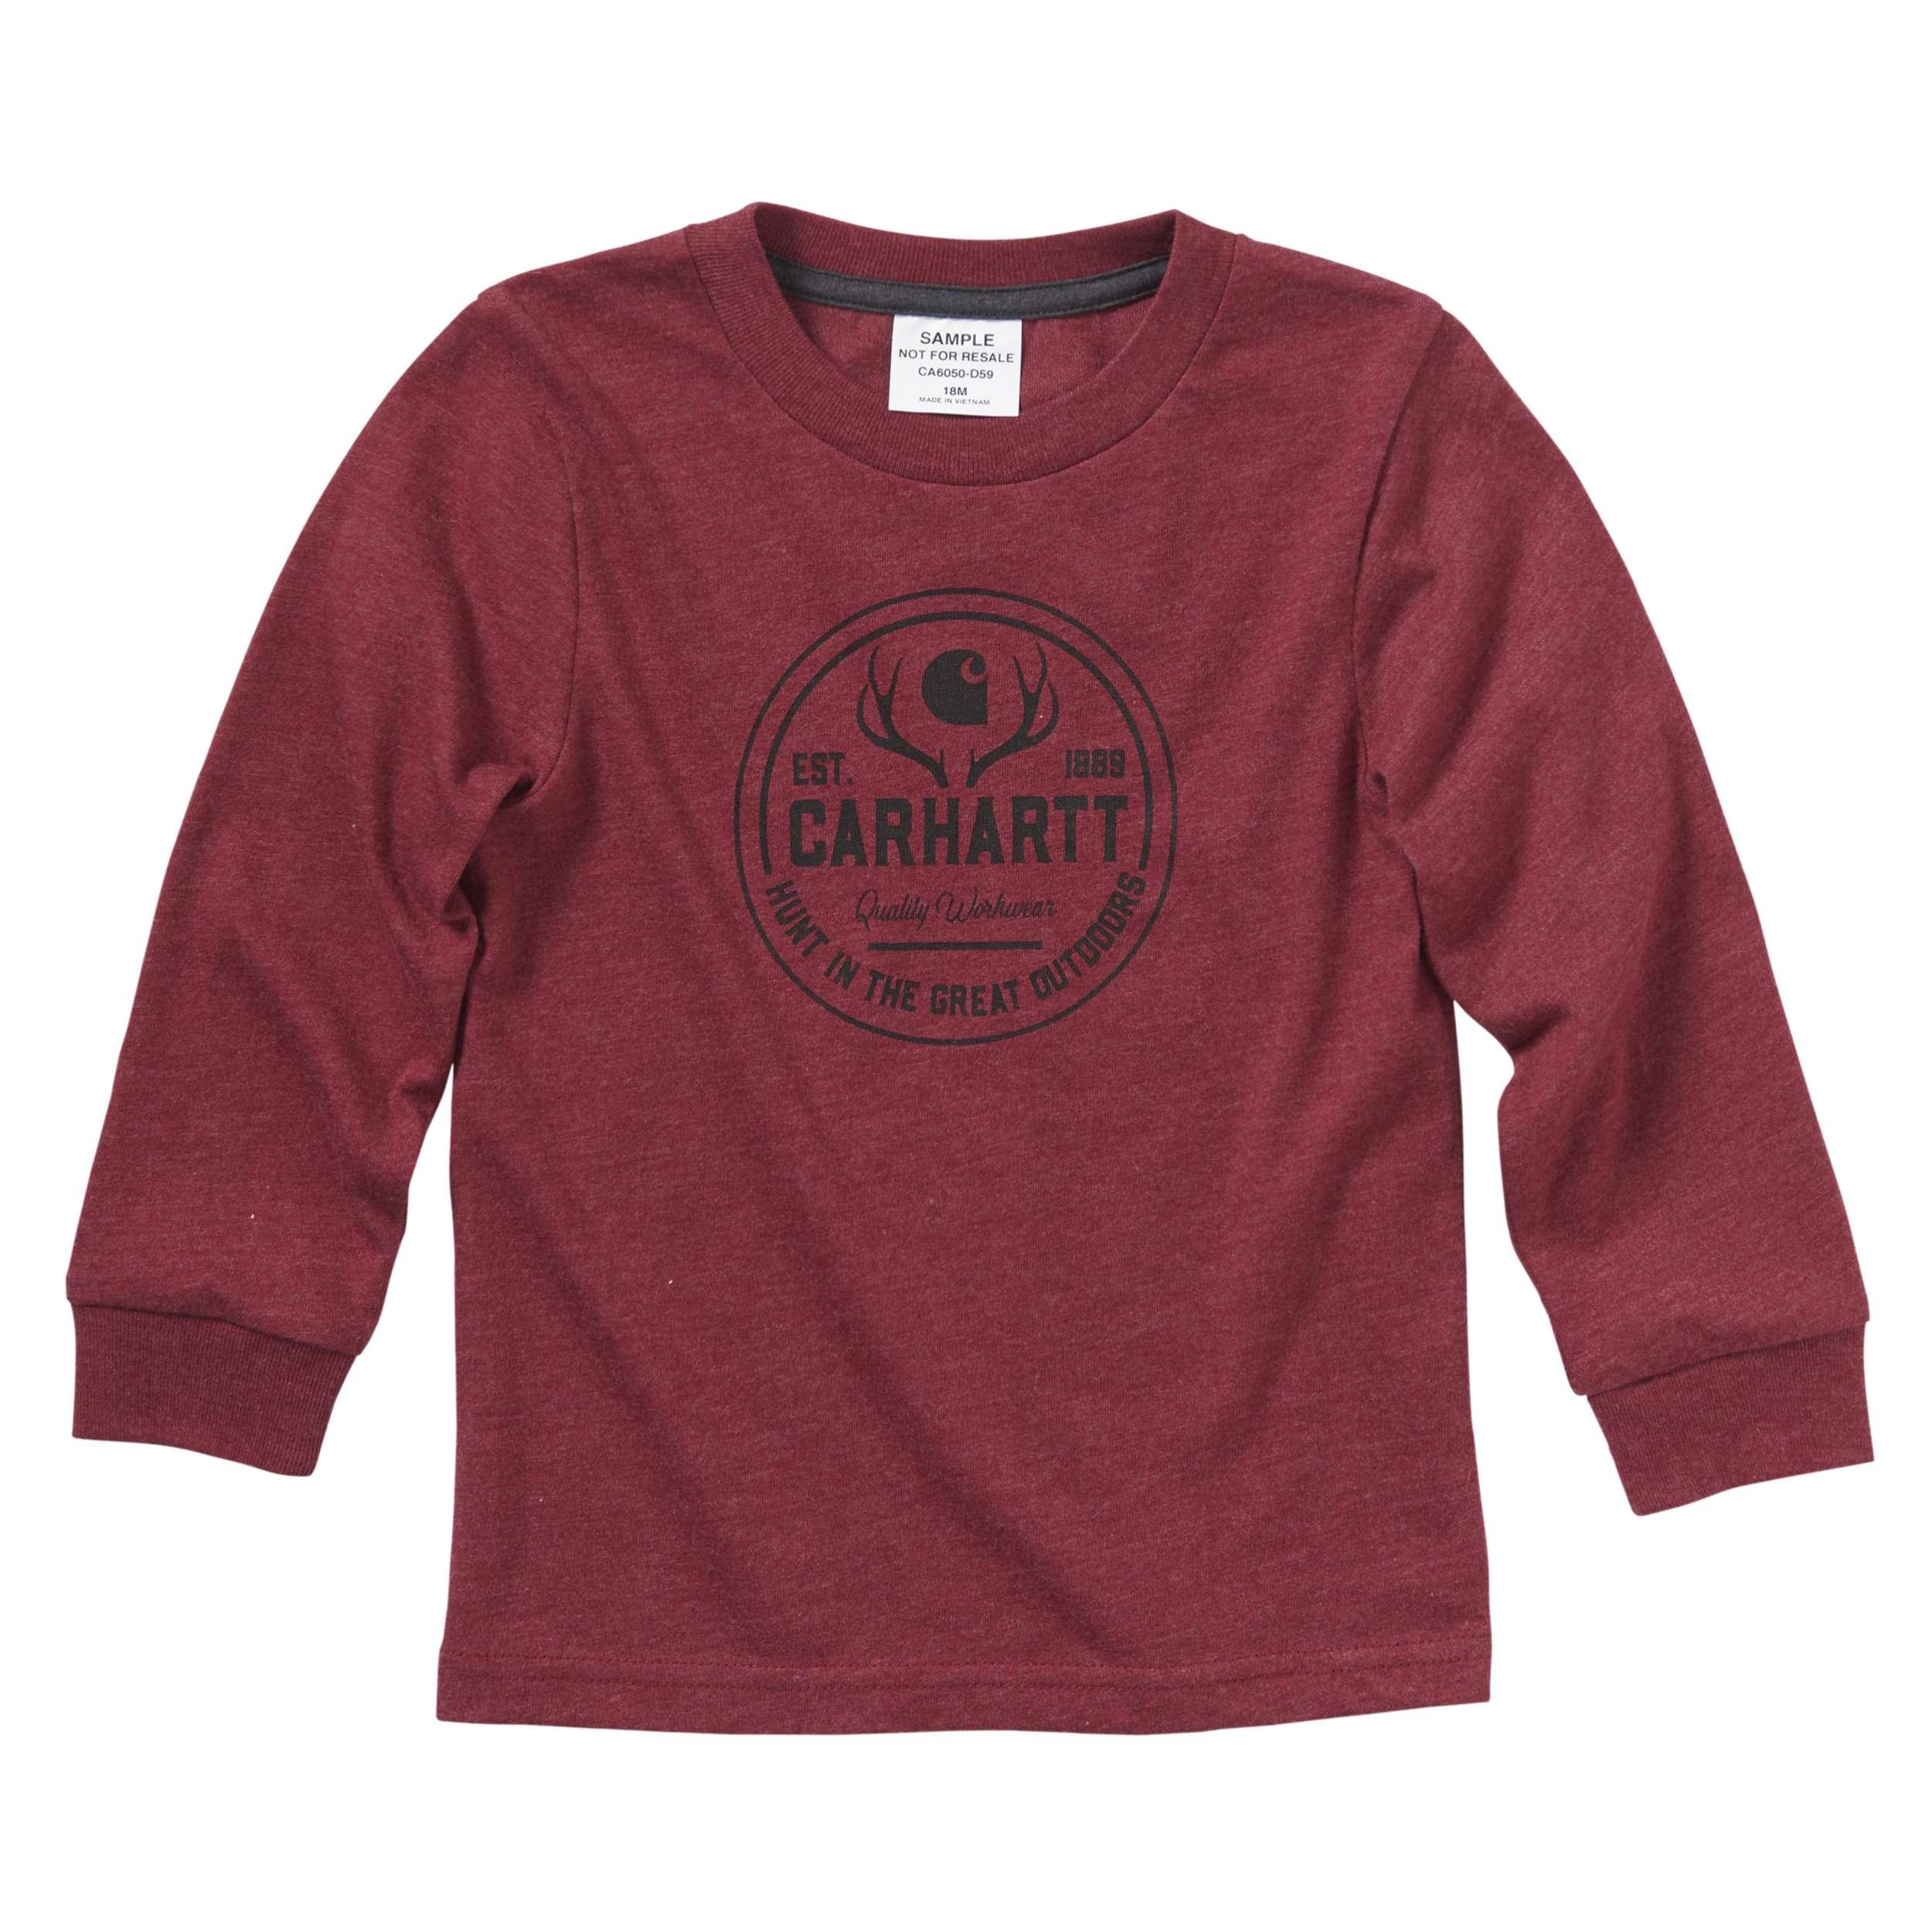 Carhartt Great Outdoors T-shirt